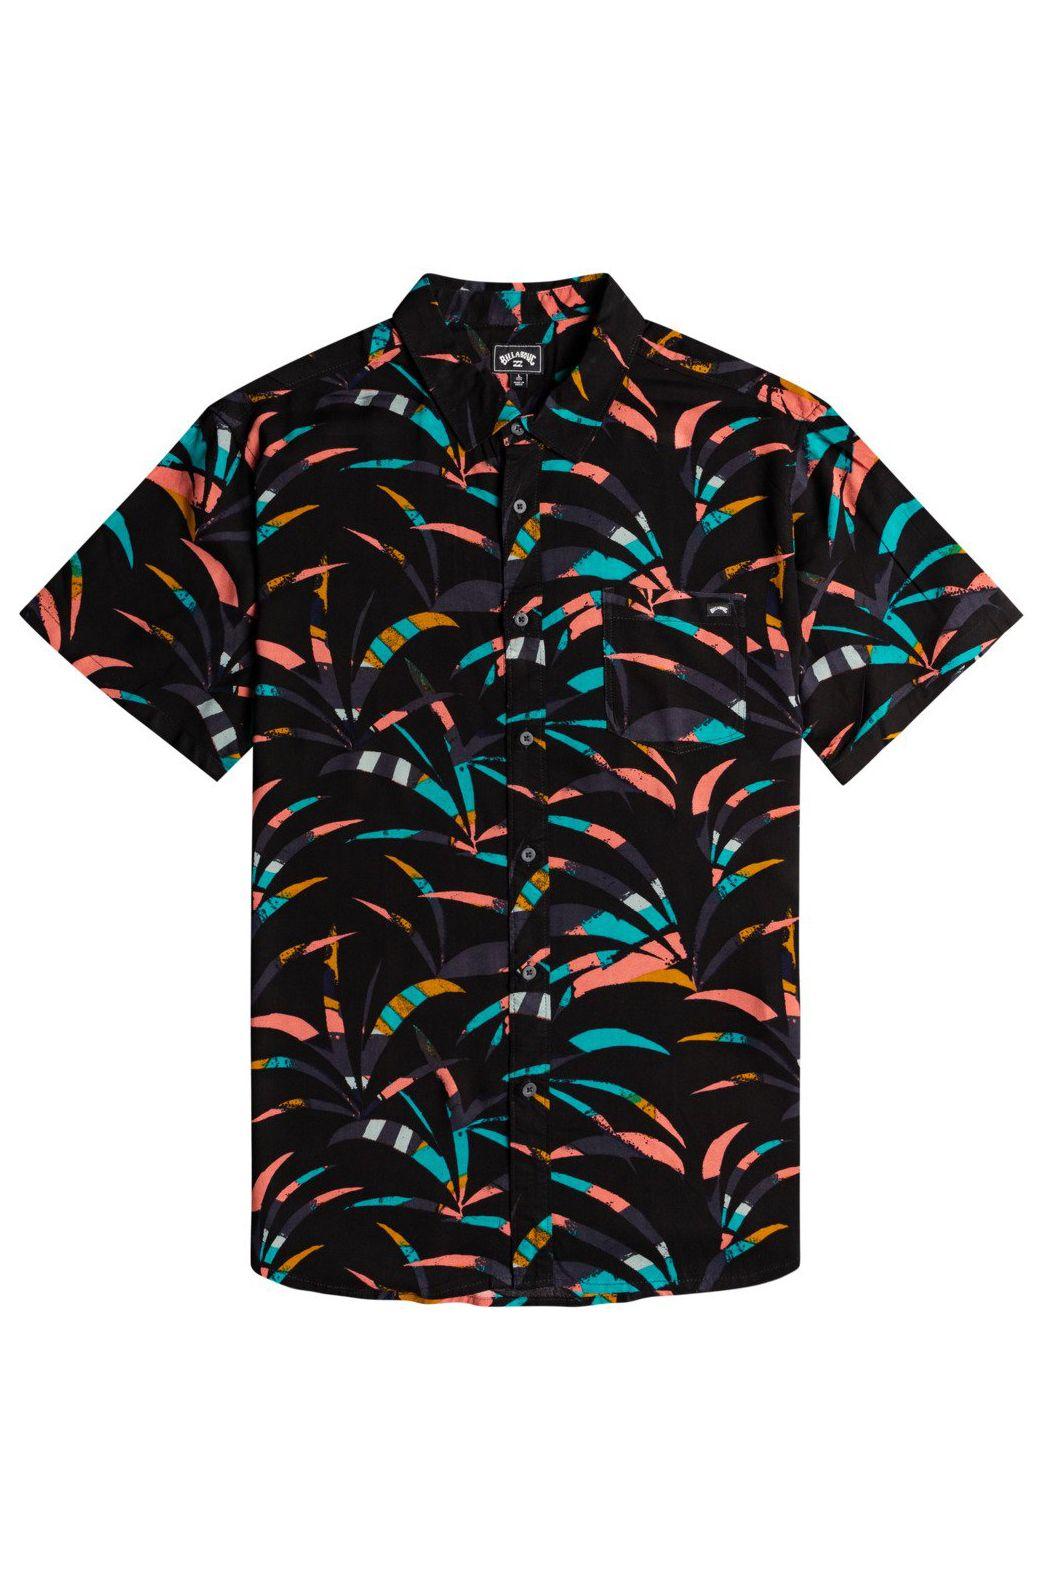 Camisa Billabong VACAY SS Black Coral